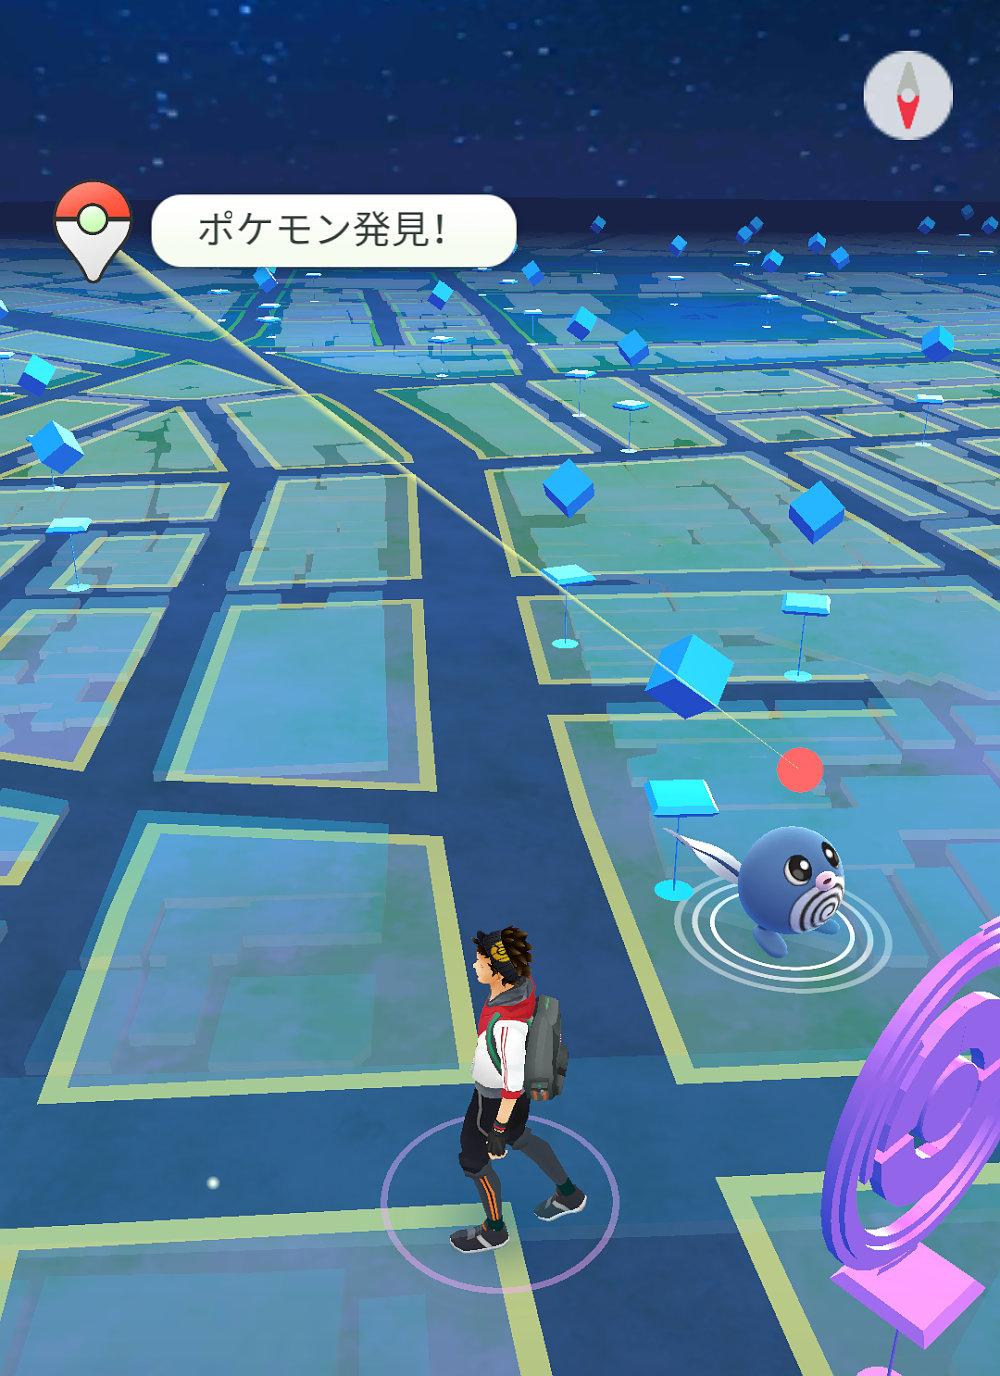 ポケモンgoが0.39へ更新、ポケモン捕獲場所の確認が可能に。google